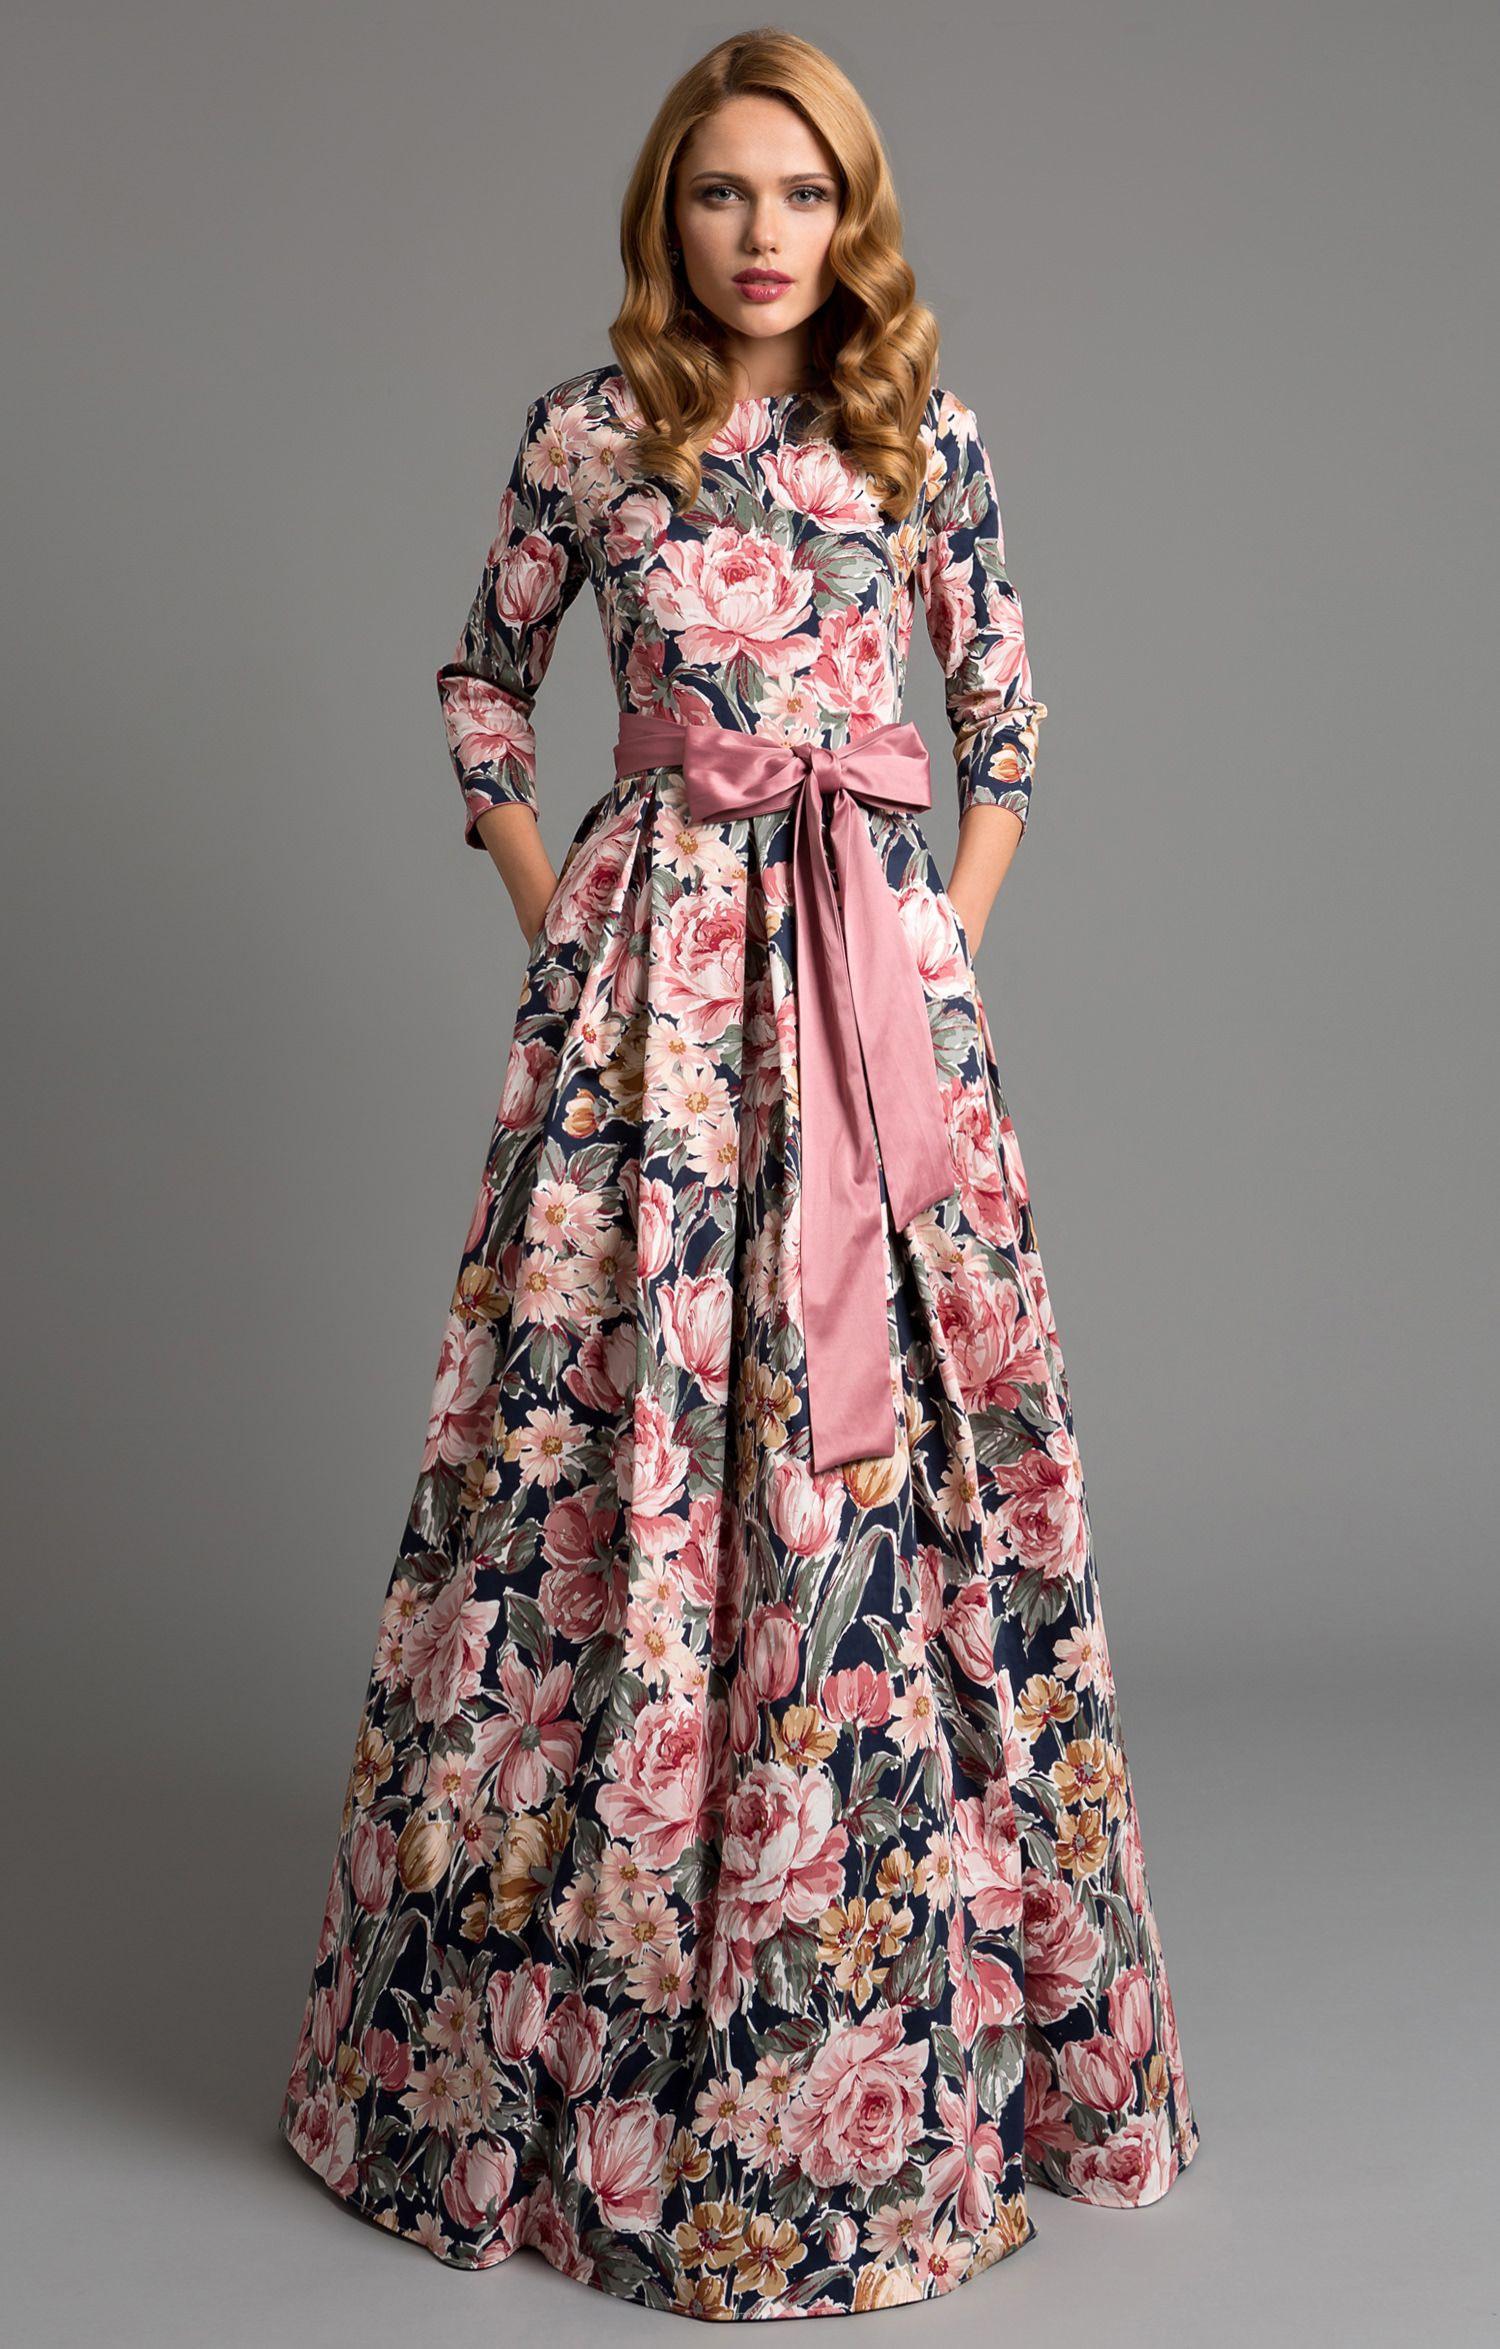 Abend Schön Schönes Abend Kleid ÄrmelFormal Genial Schönes Abend Kleid Galerie